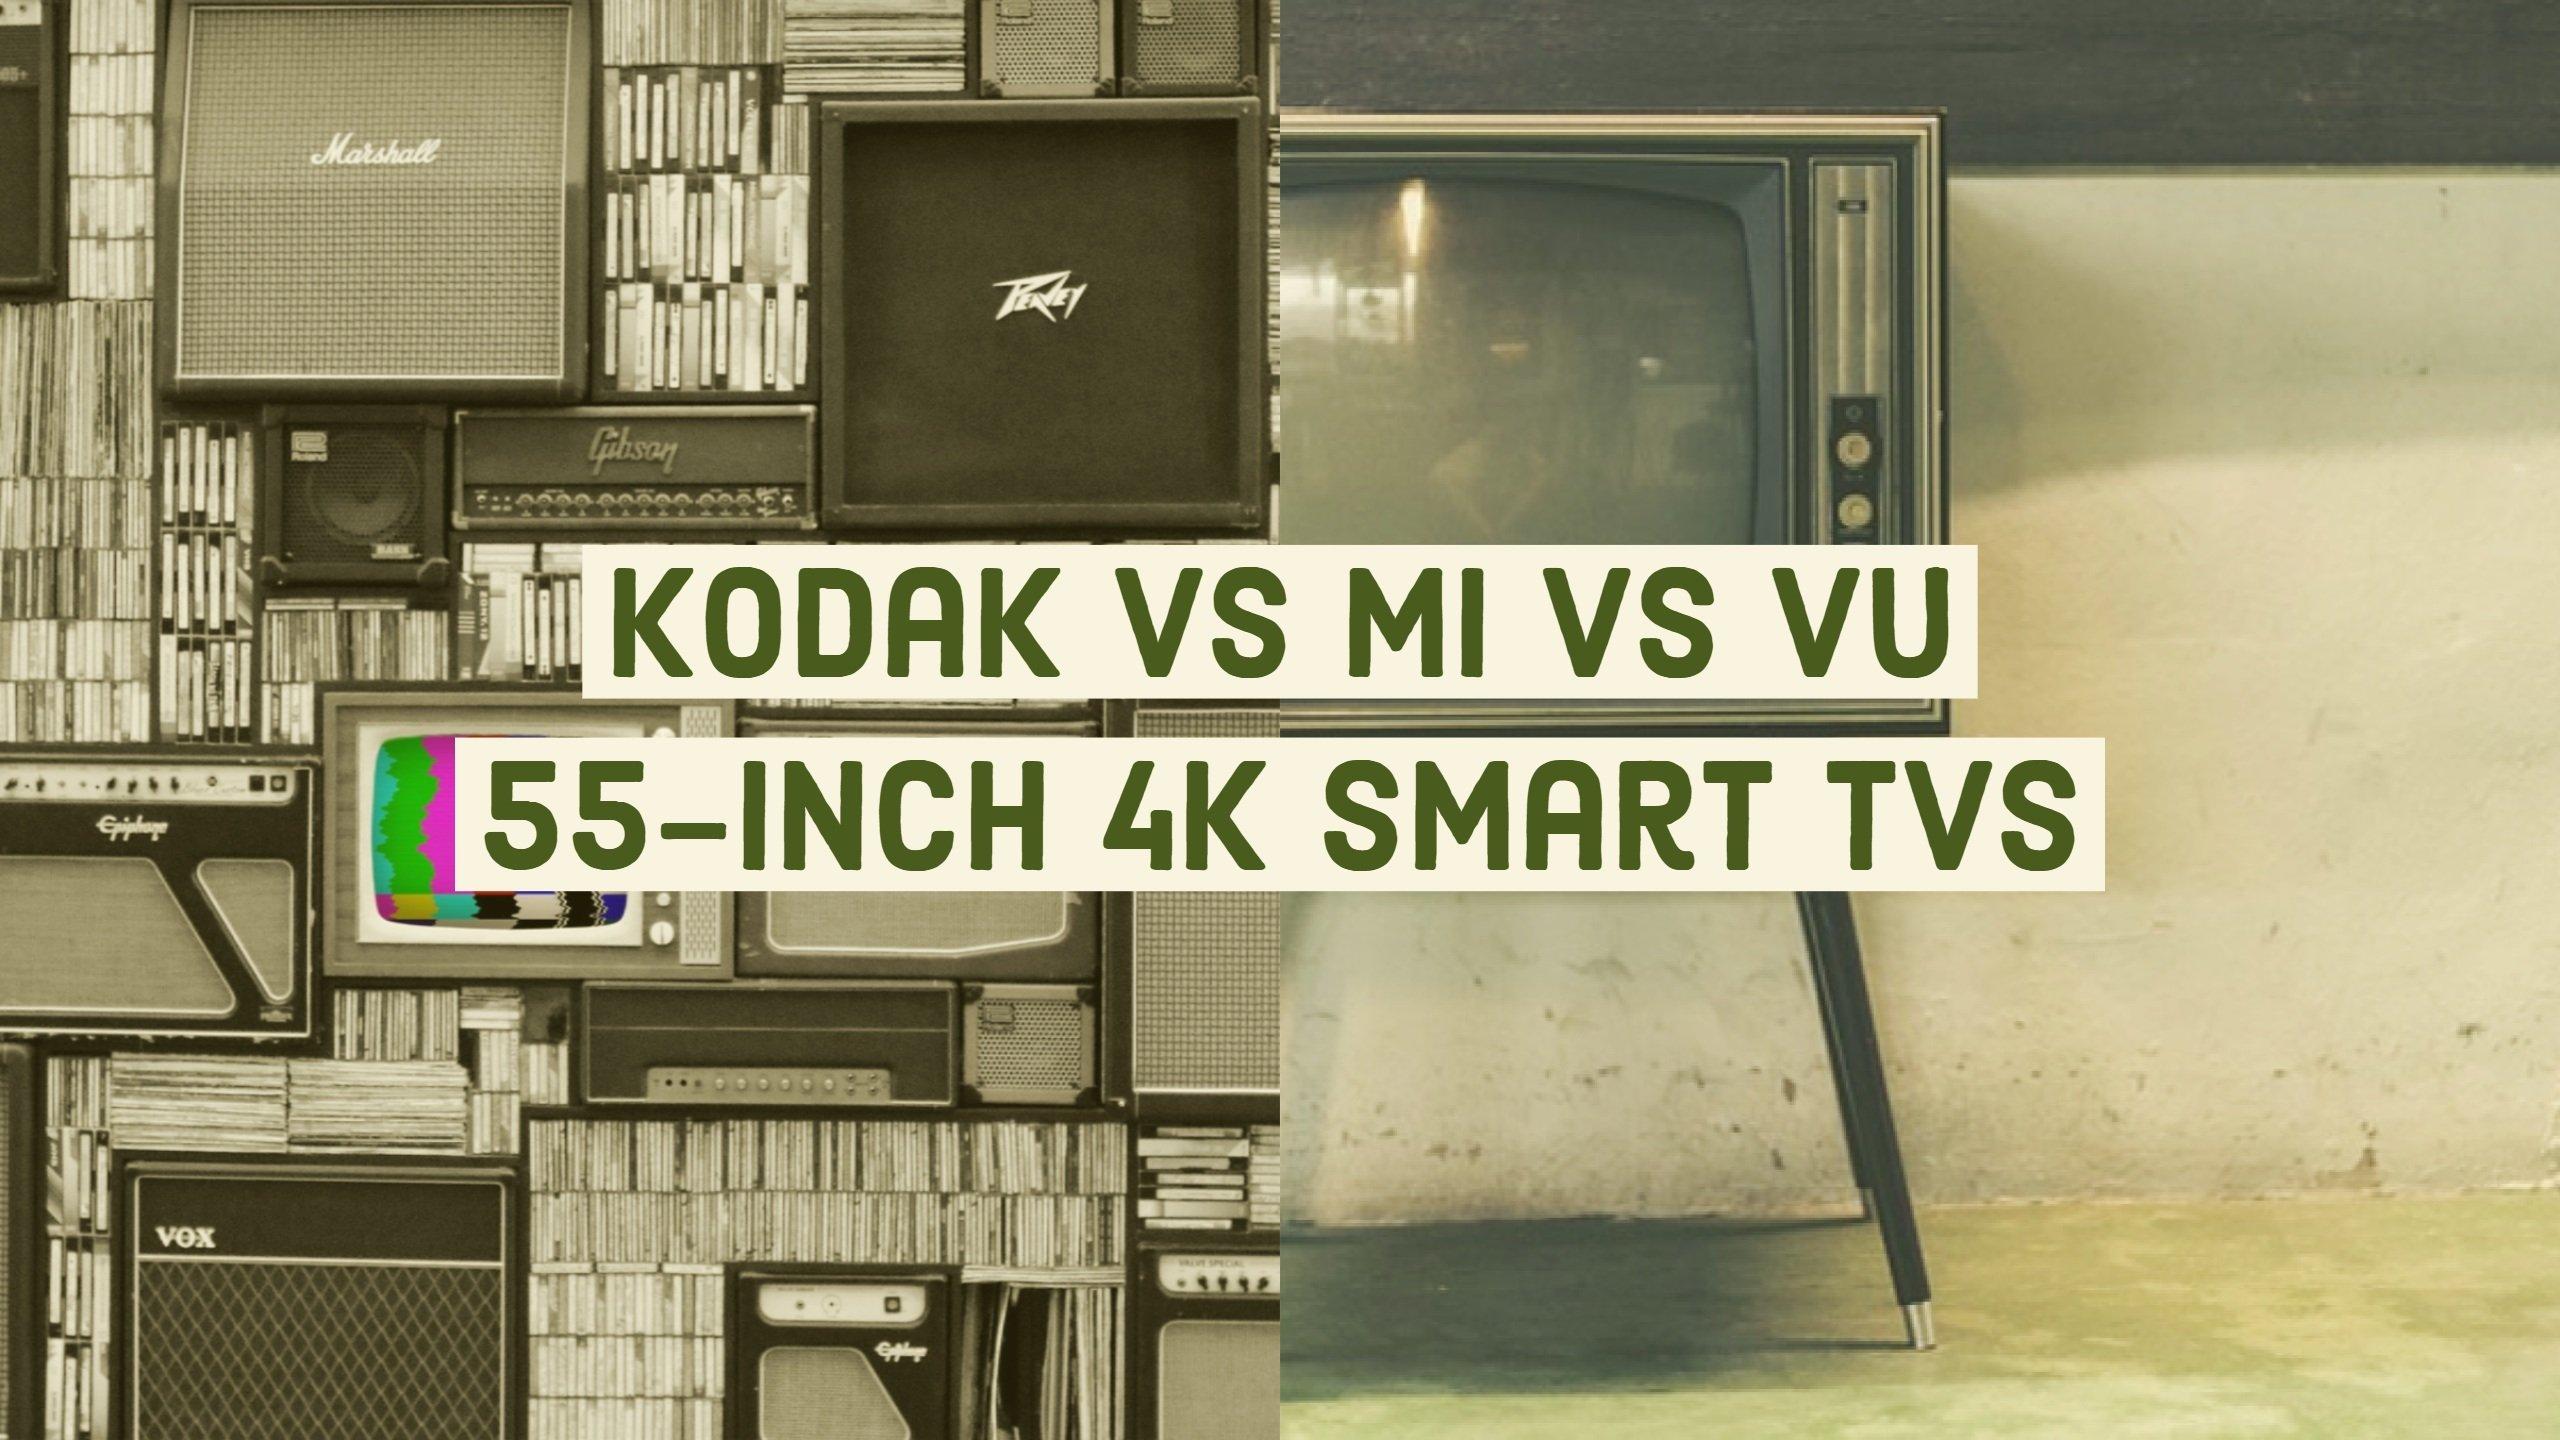 Kodak Vs MI 55-inch Vs VU 55-inch 4K Smart TVs